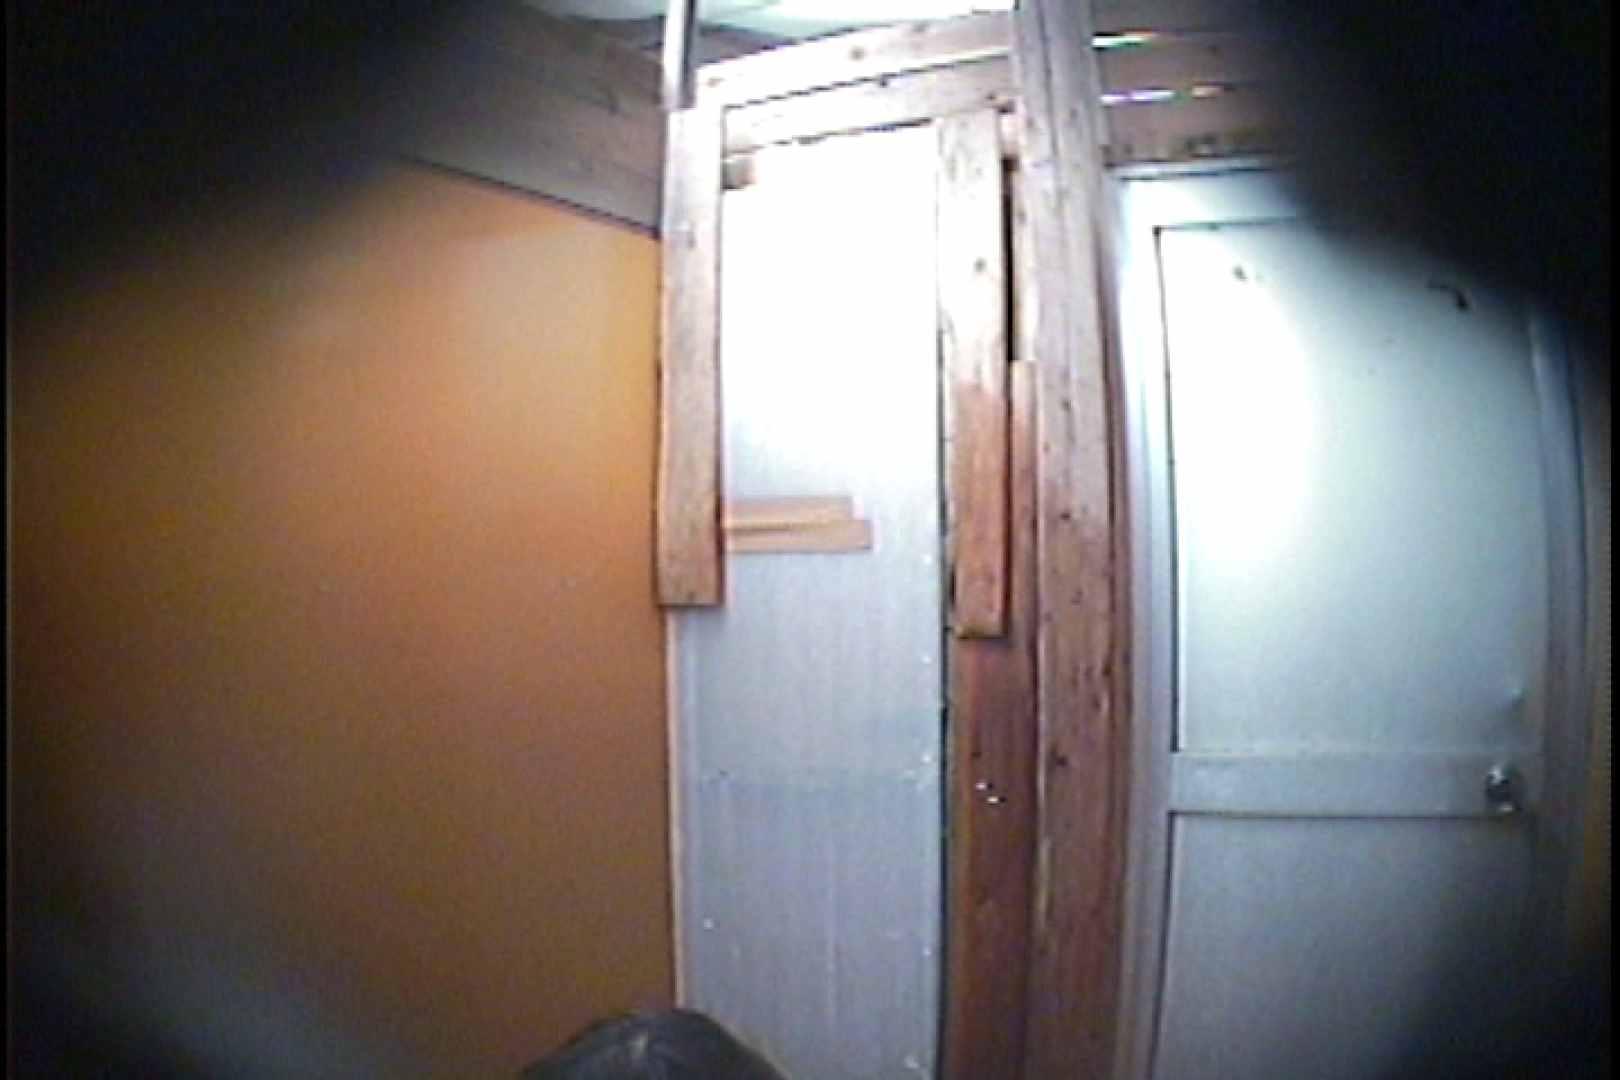 海の家の更衣室 Vol.48 美女 オマンコ動画キャプチャ 49画像 11